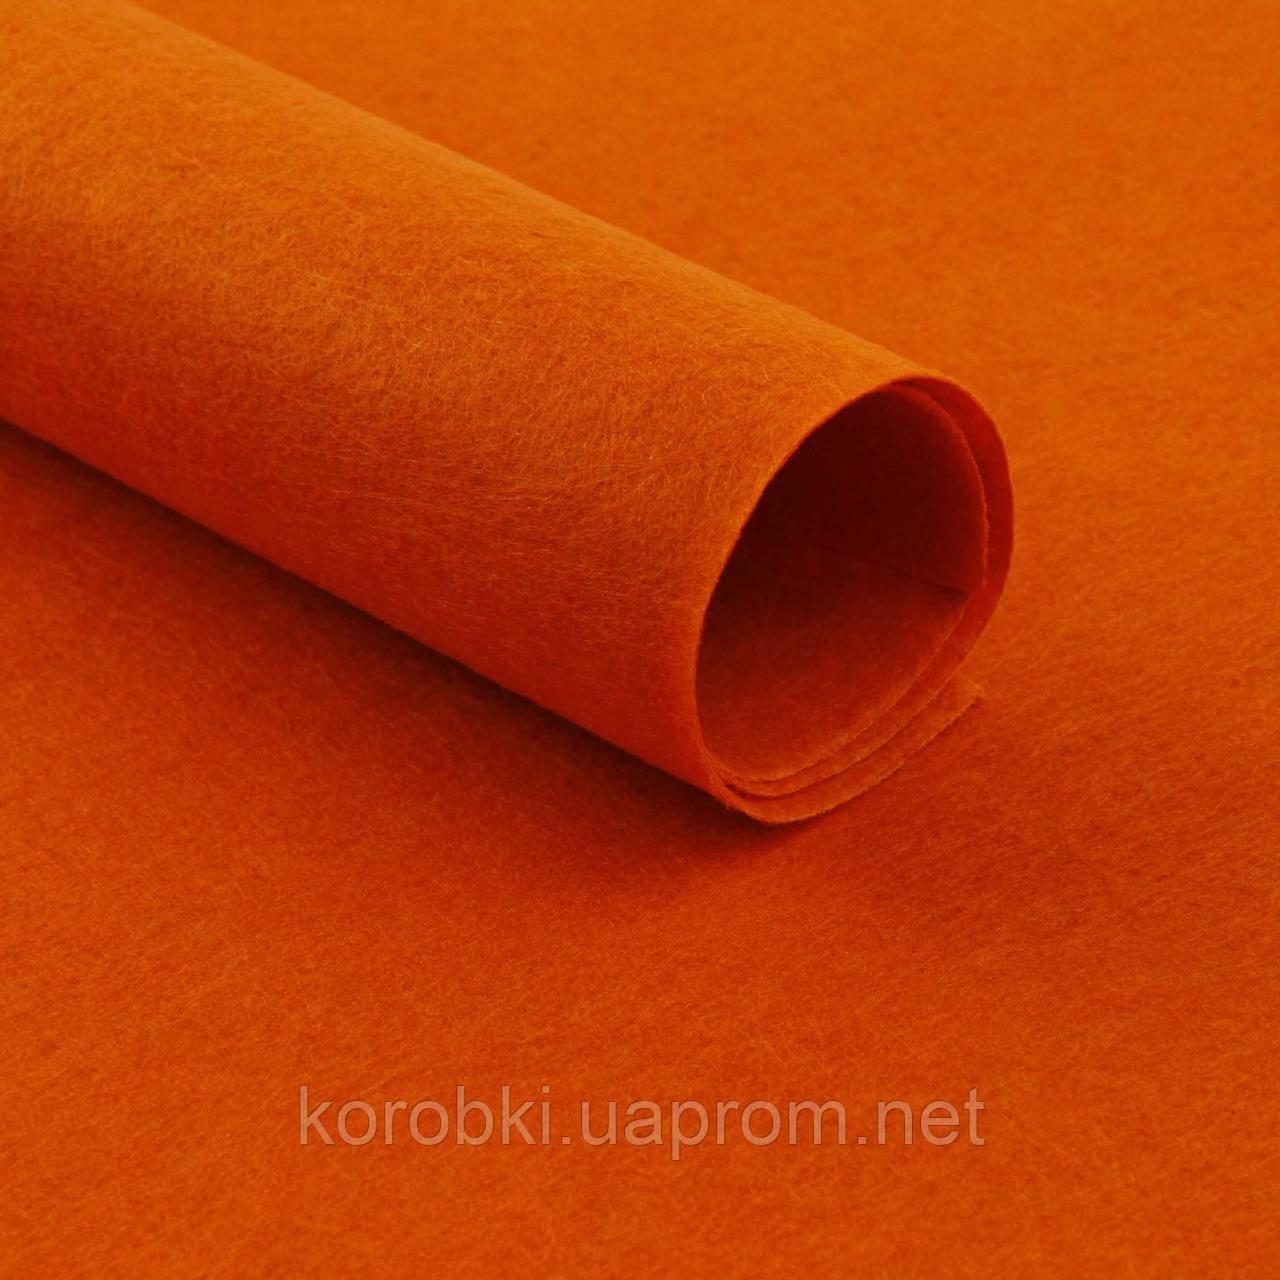 Фетр однотонный, цвет D05, 1824243-1 (70*50 см, толщина 1 мм, 10 листов в упаковке)